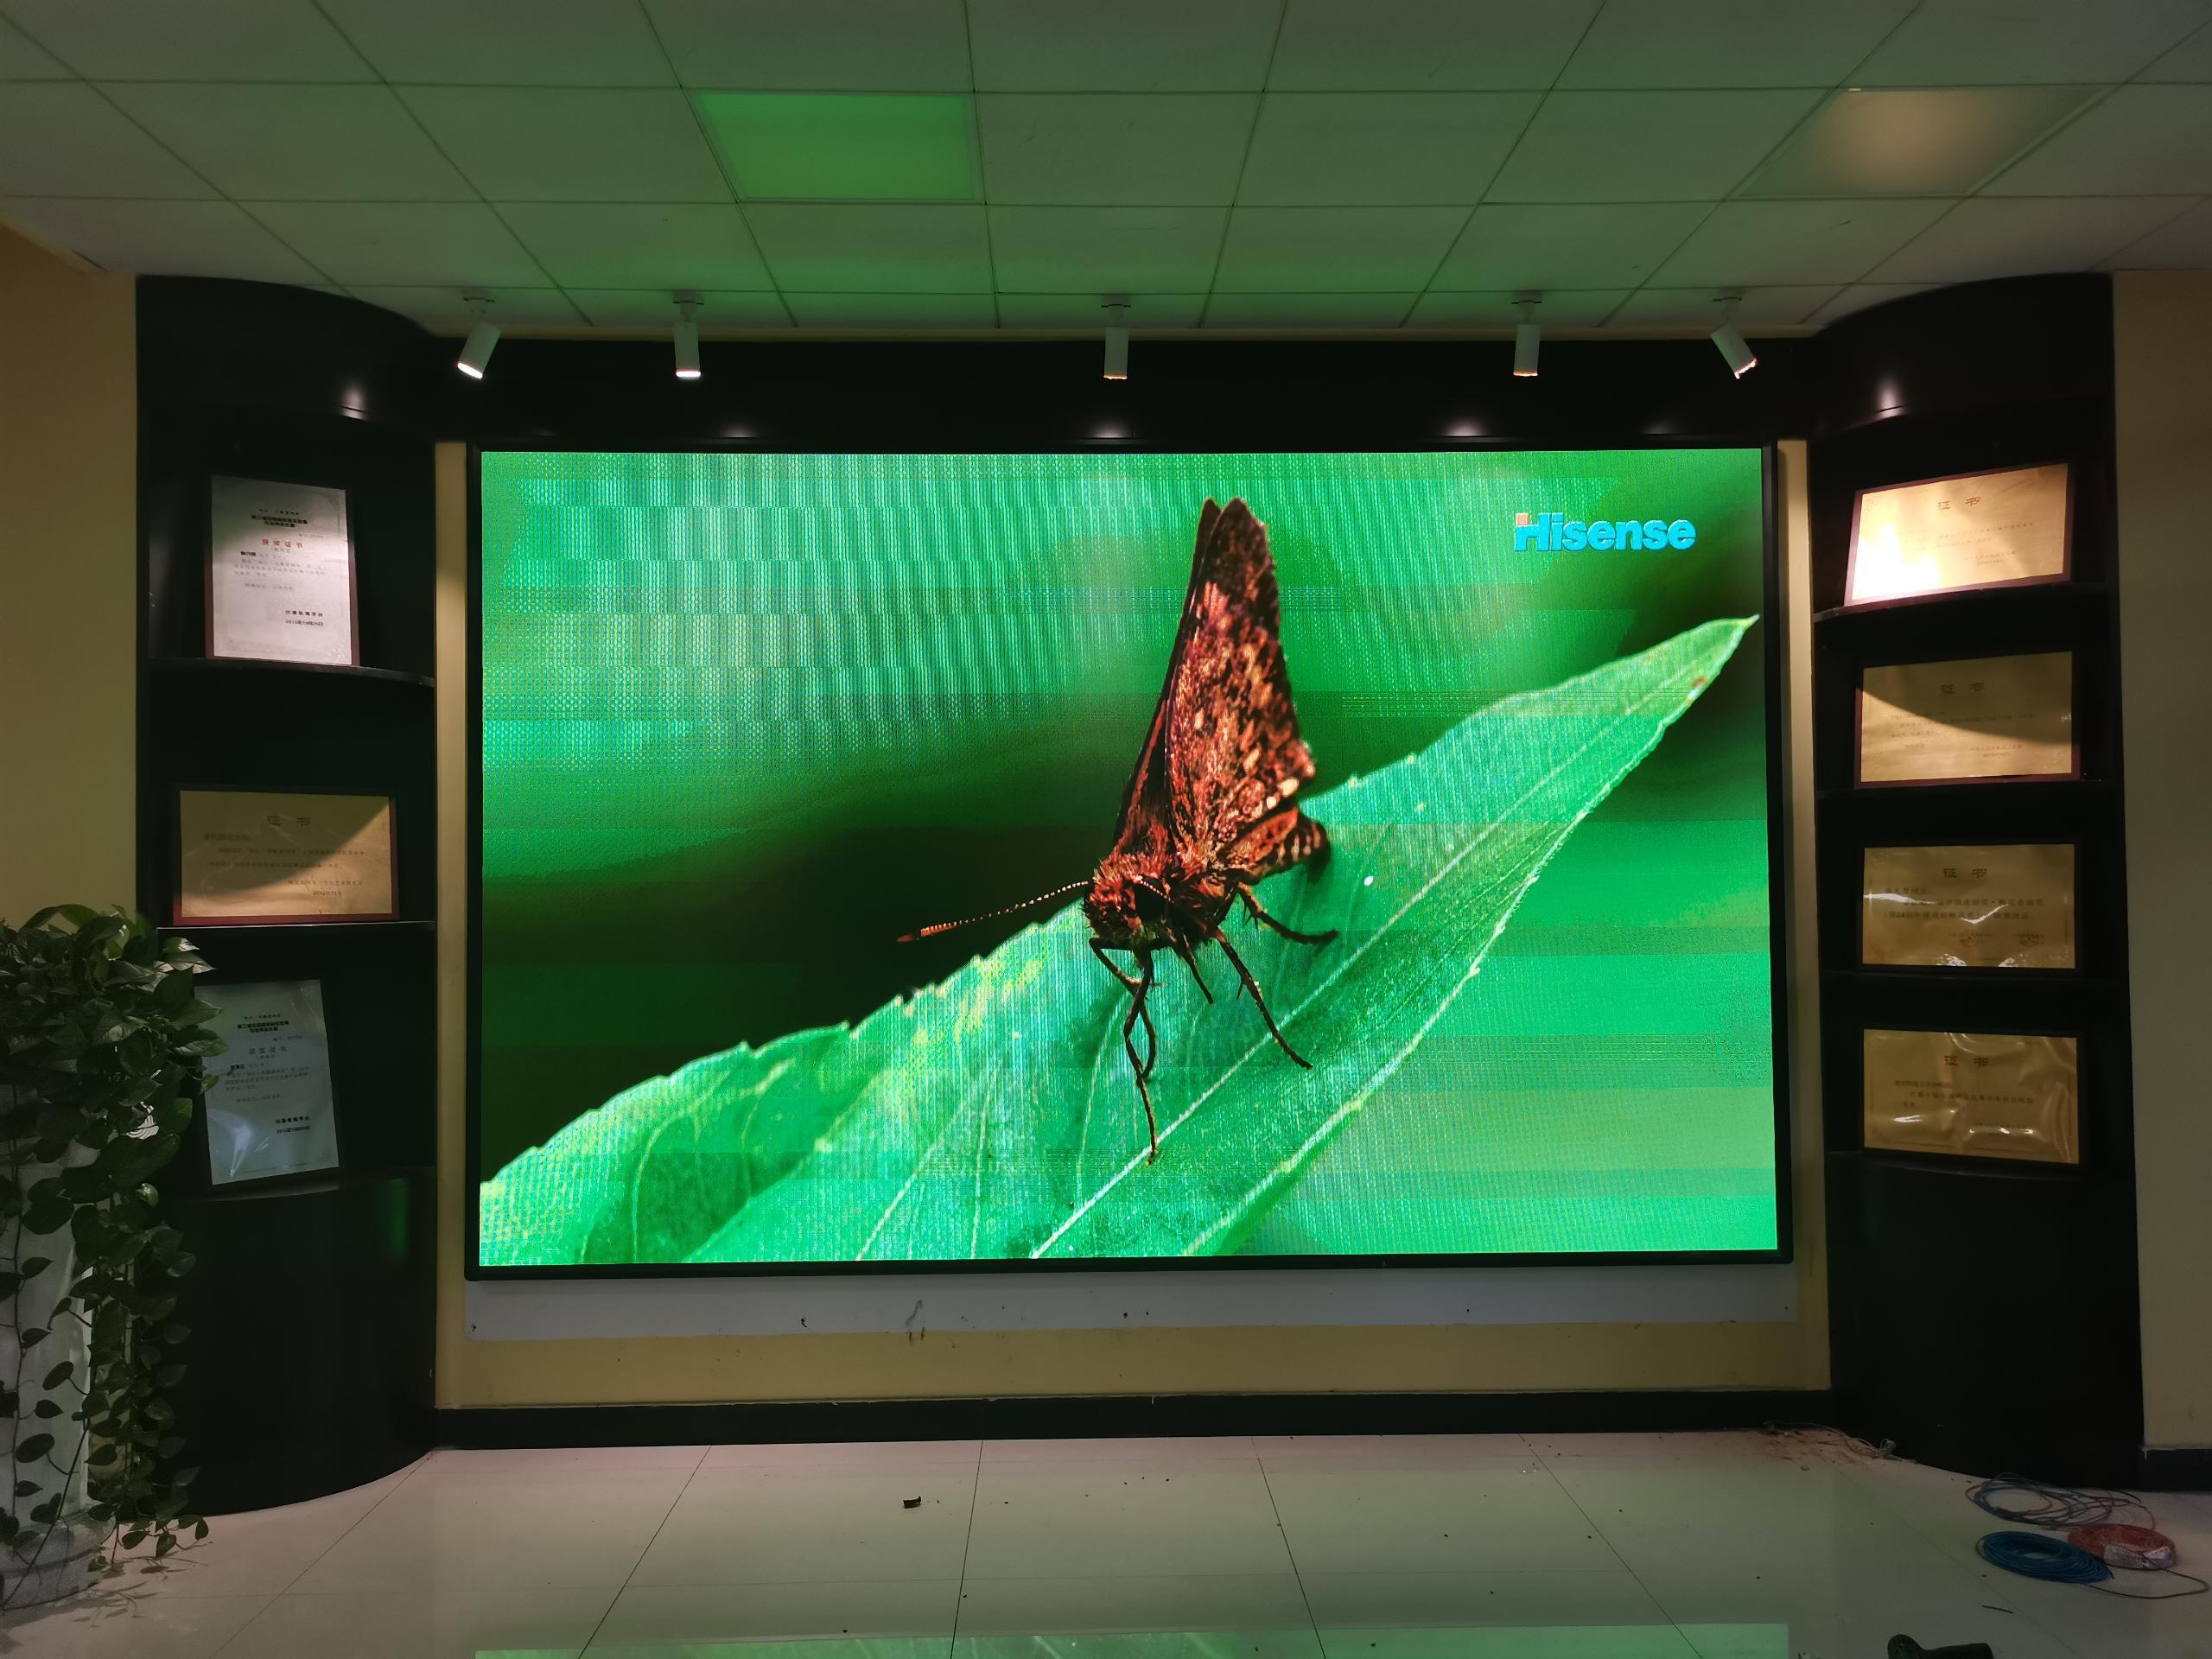 重庆师范大学音乐学院P2.5室内显示屏